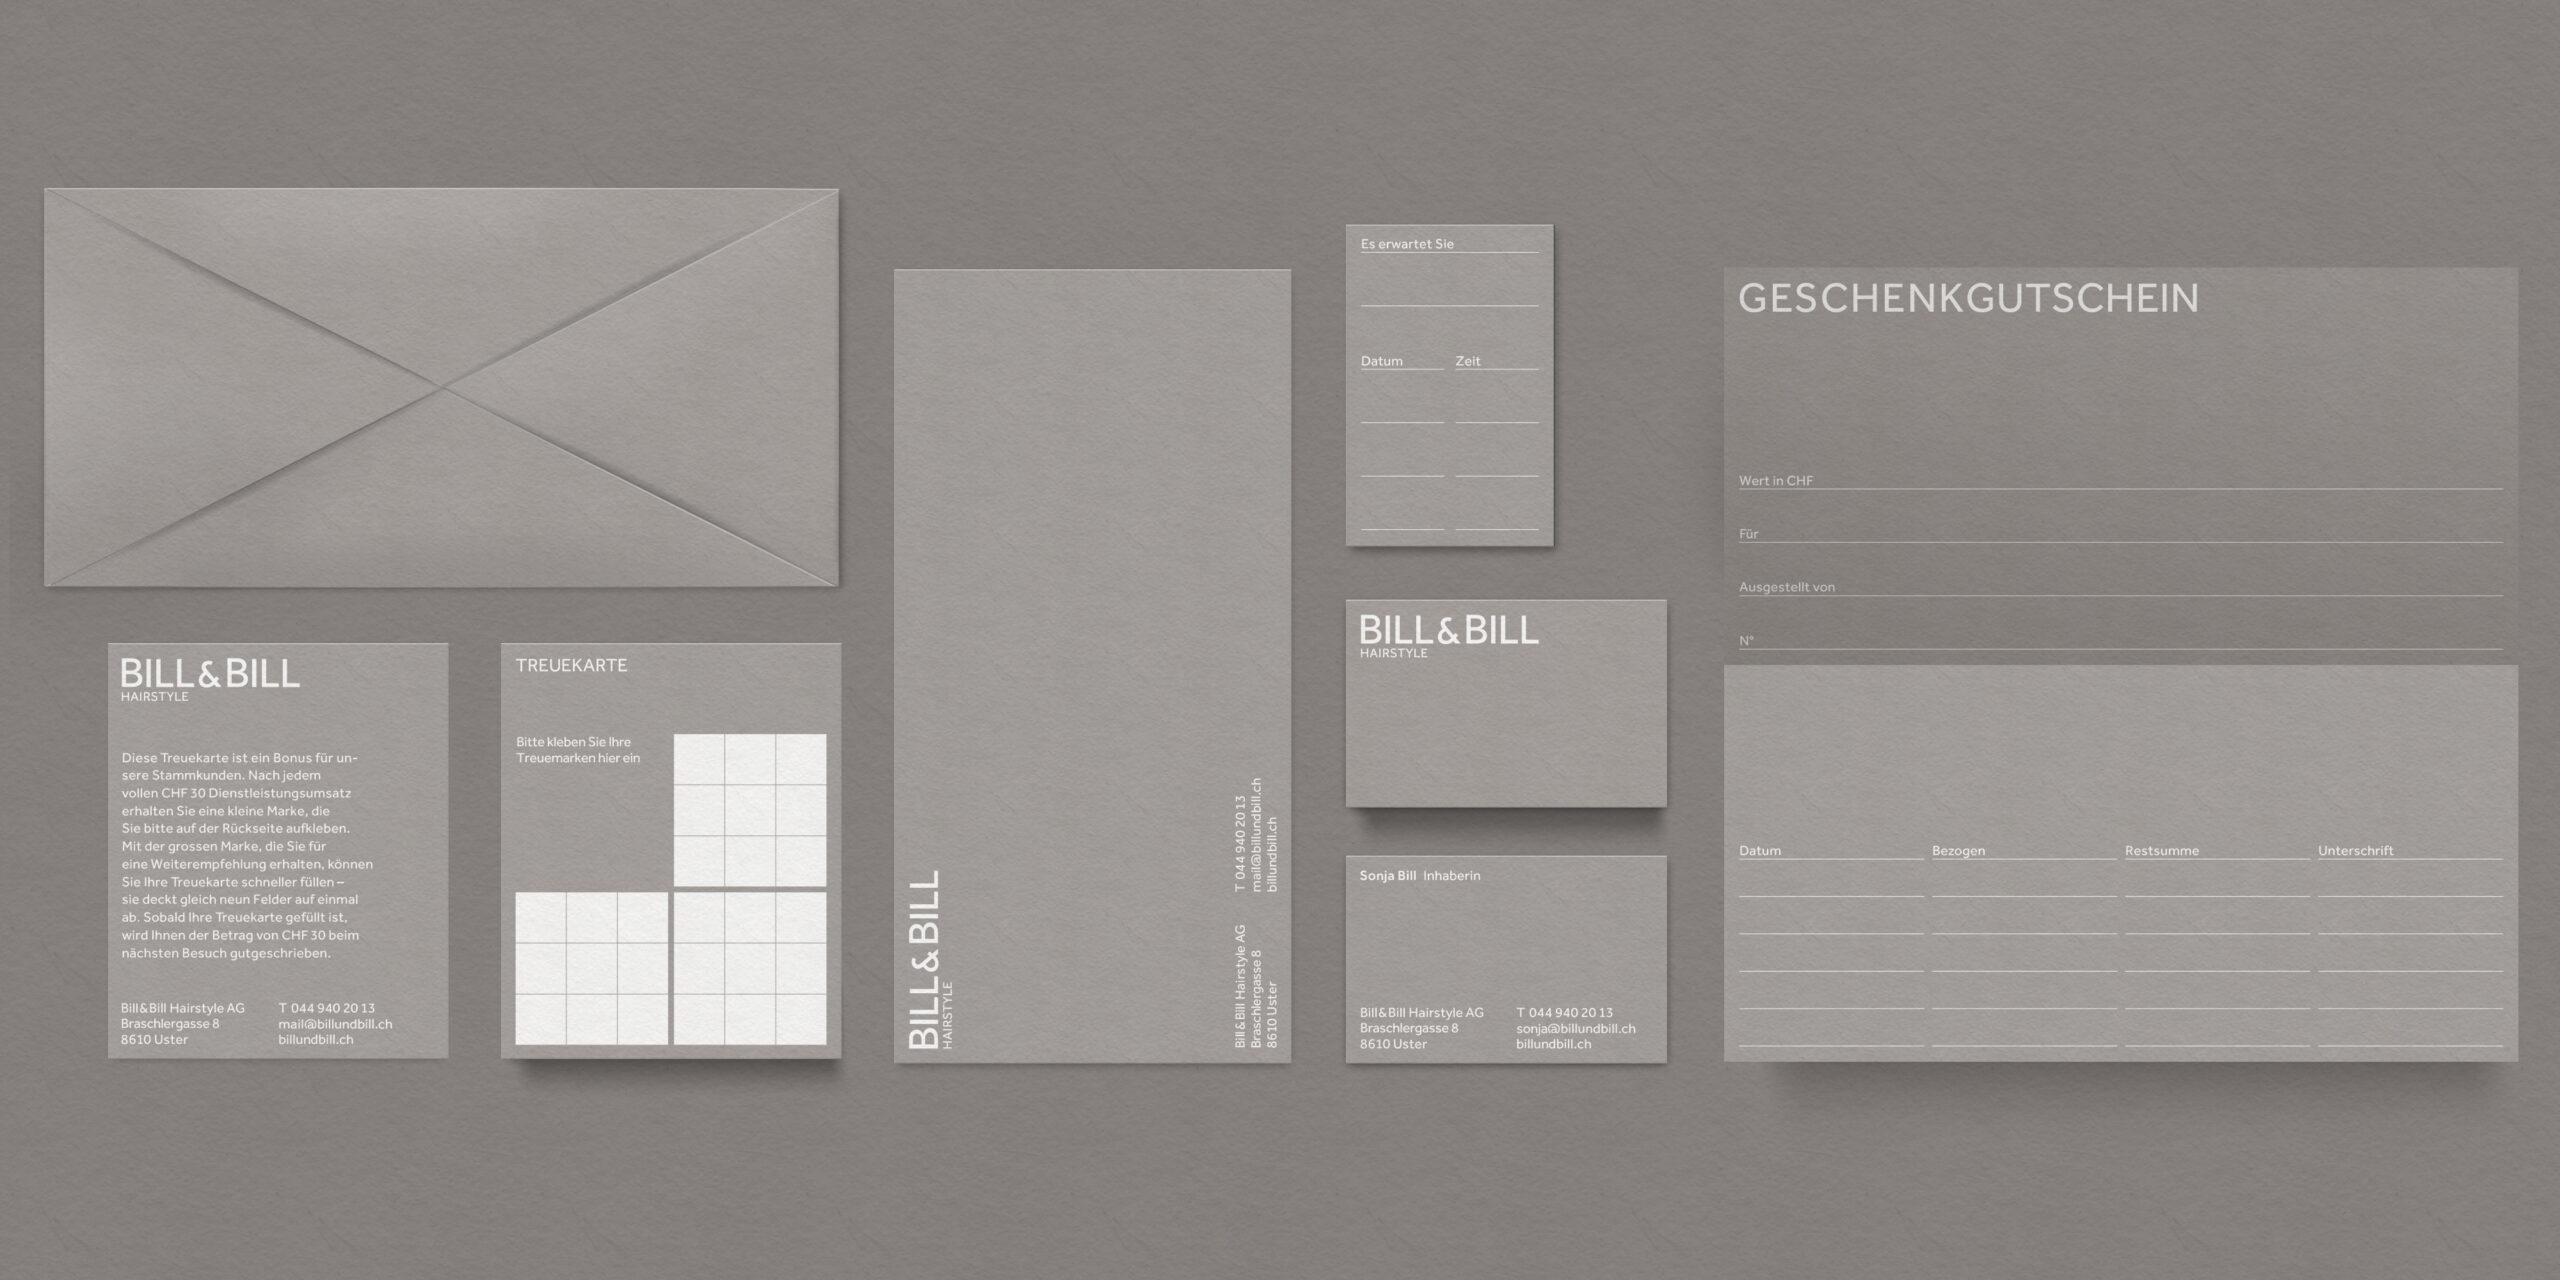 Übersicht der gesamten Geschäftsdrucksachen des Coiffeursalon nach dem Rebranding. Gutschein, Treuekarte, Terminkarte, Visitenkarte, Couvert, etc.